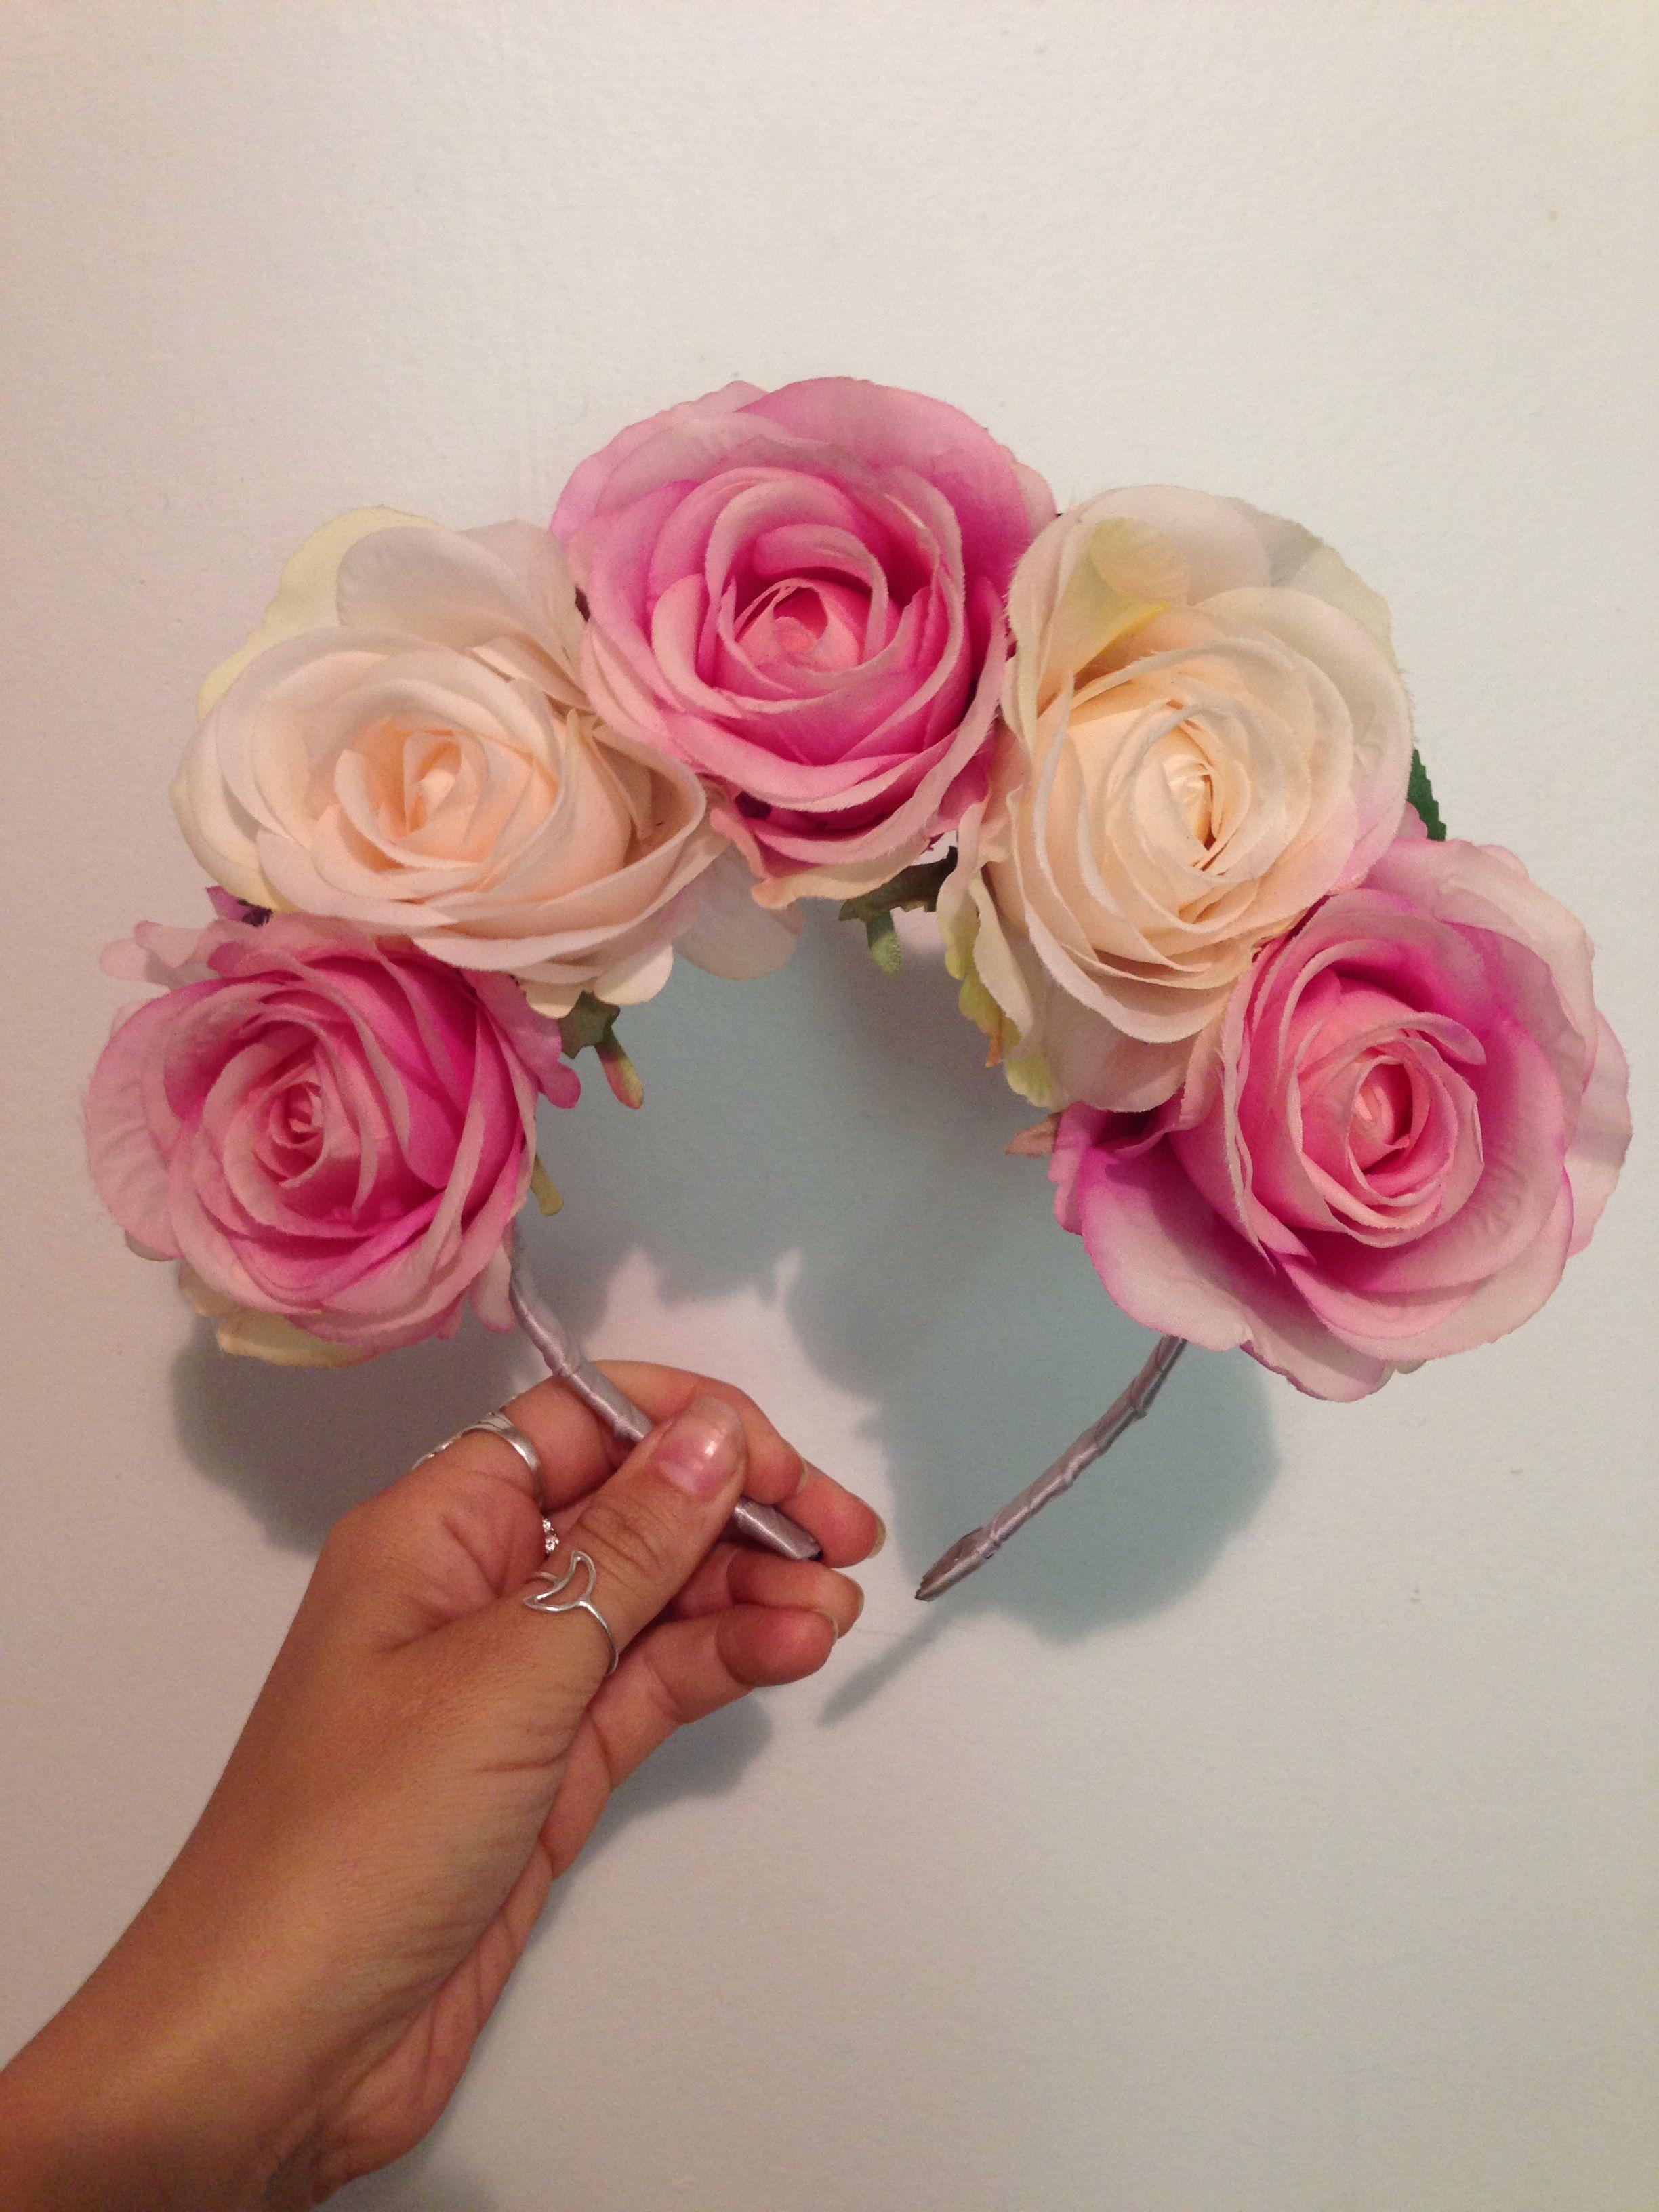 Neon Gypsy Flower Crown Made By Me N E O N G Y P S Y Pinterest